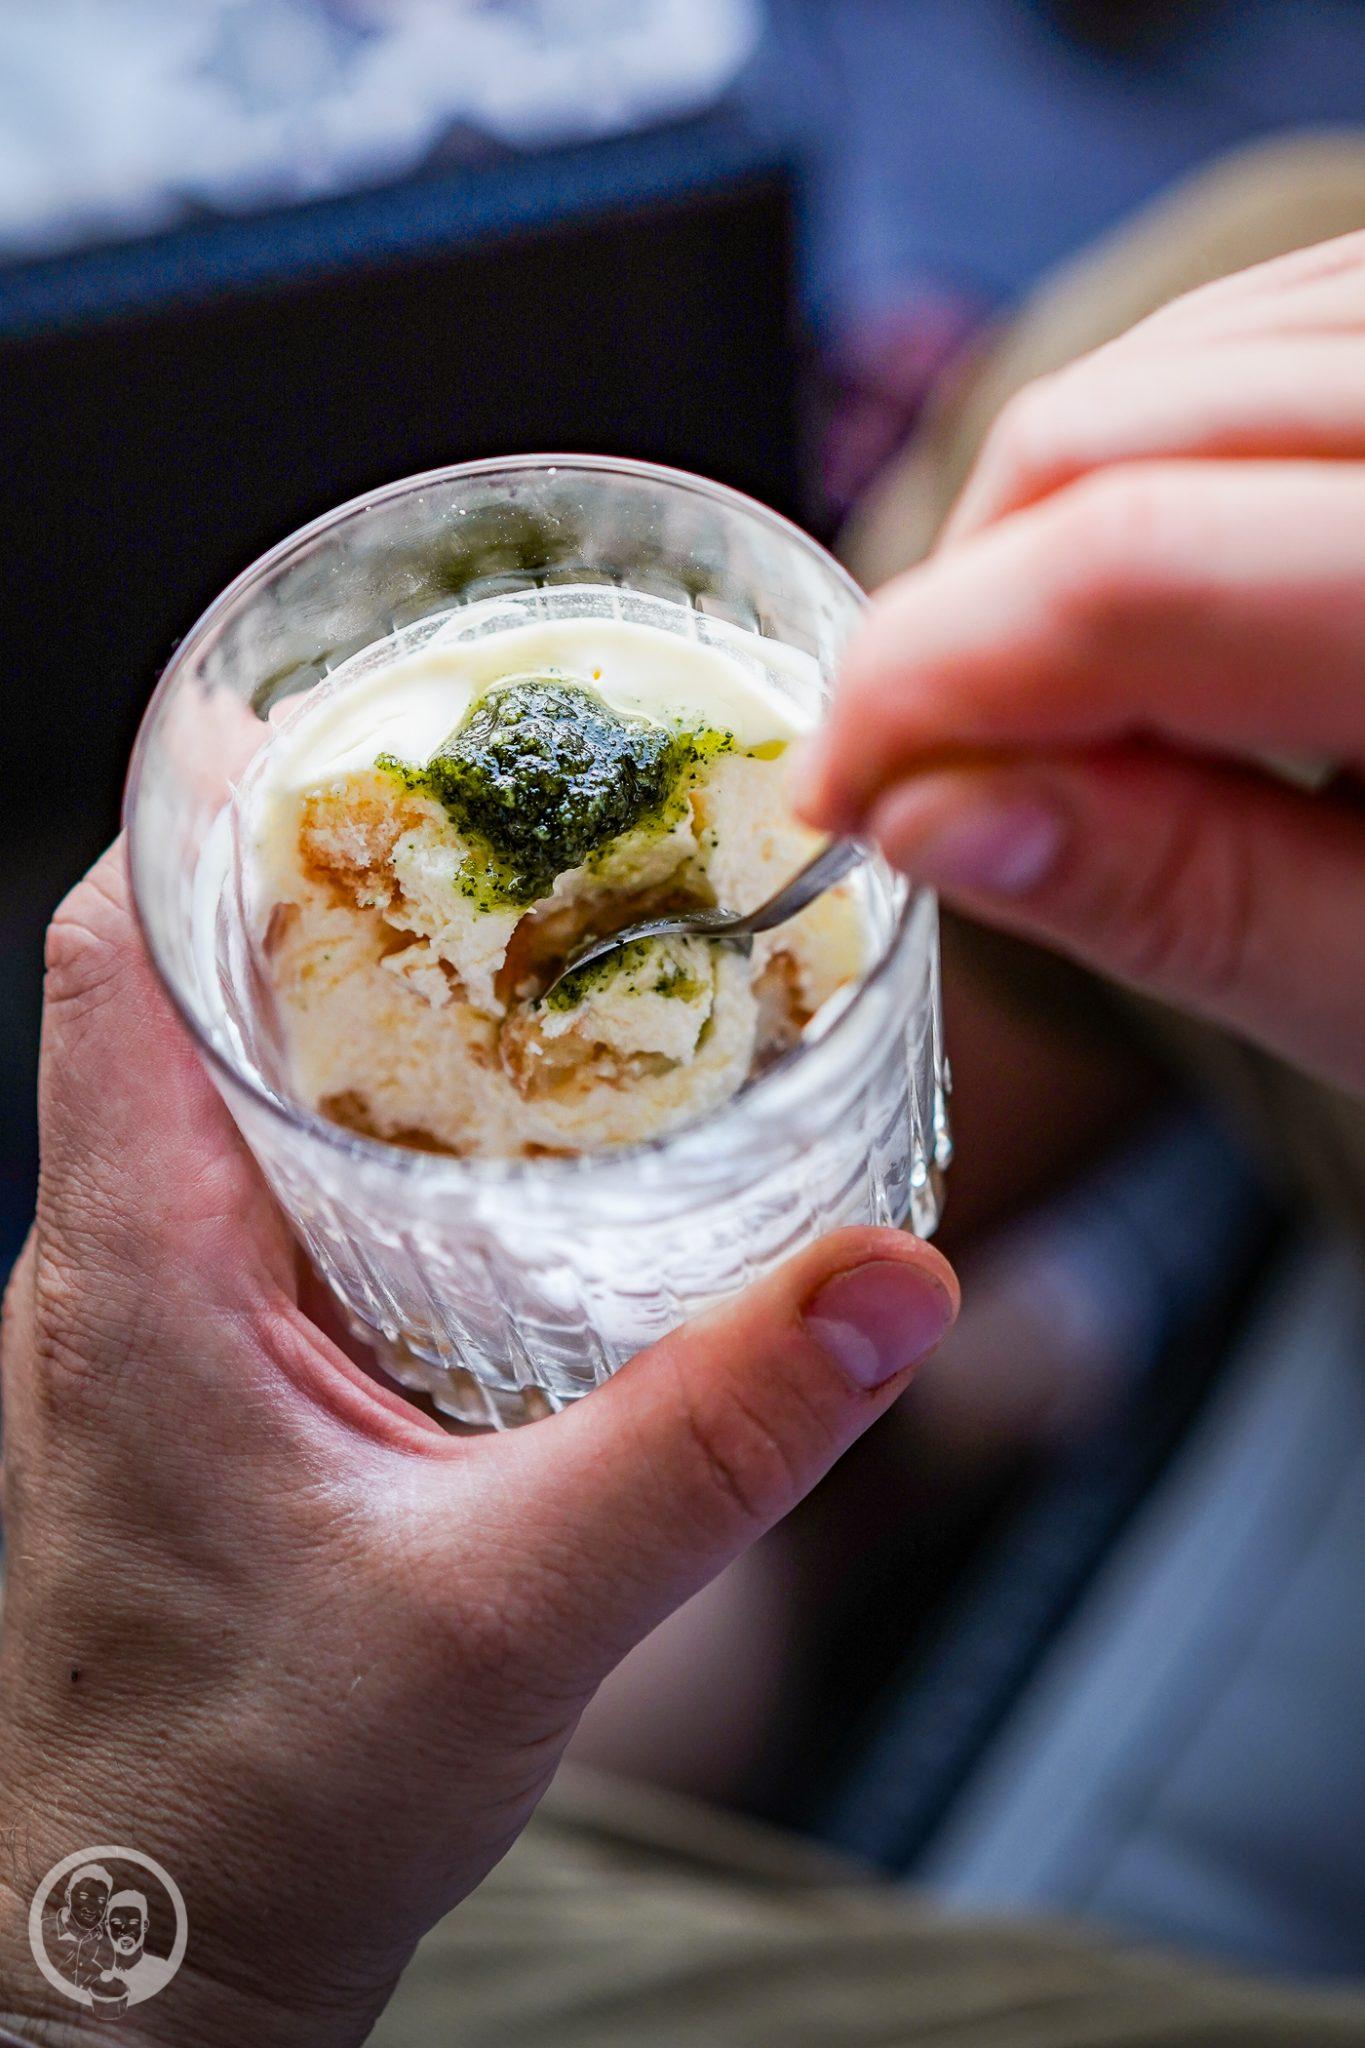 Zitronentiramisu 4 | Fast hätten wir vergessen, dass wir noch ein leckeres und sommerliches Dessert zubereitet haben. Aber manchmal kommen erst beim Durchschauen unserer Fotos so manche Gerichte zum Vorschein, die wir noch gar nicht auf den Blog gebracht haben. Außerdem gibt es ungeplanterweise zwei Gründe dafür, warum heute der perfekte Tag für unser Zitronentiramisu ist.